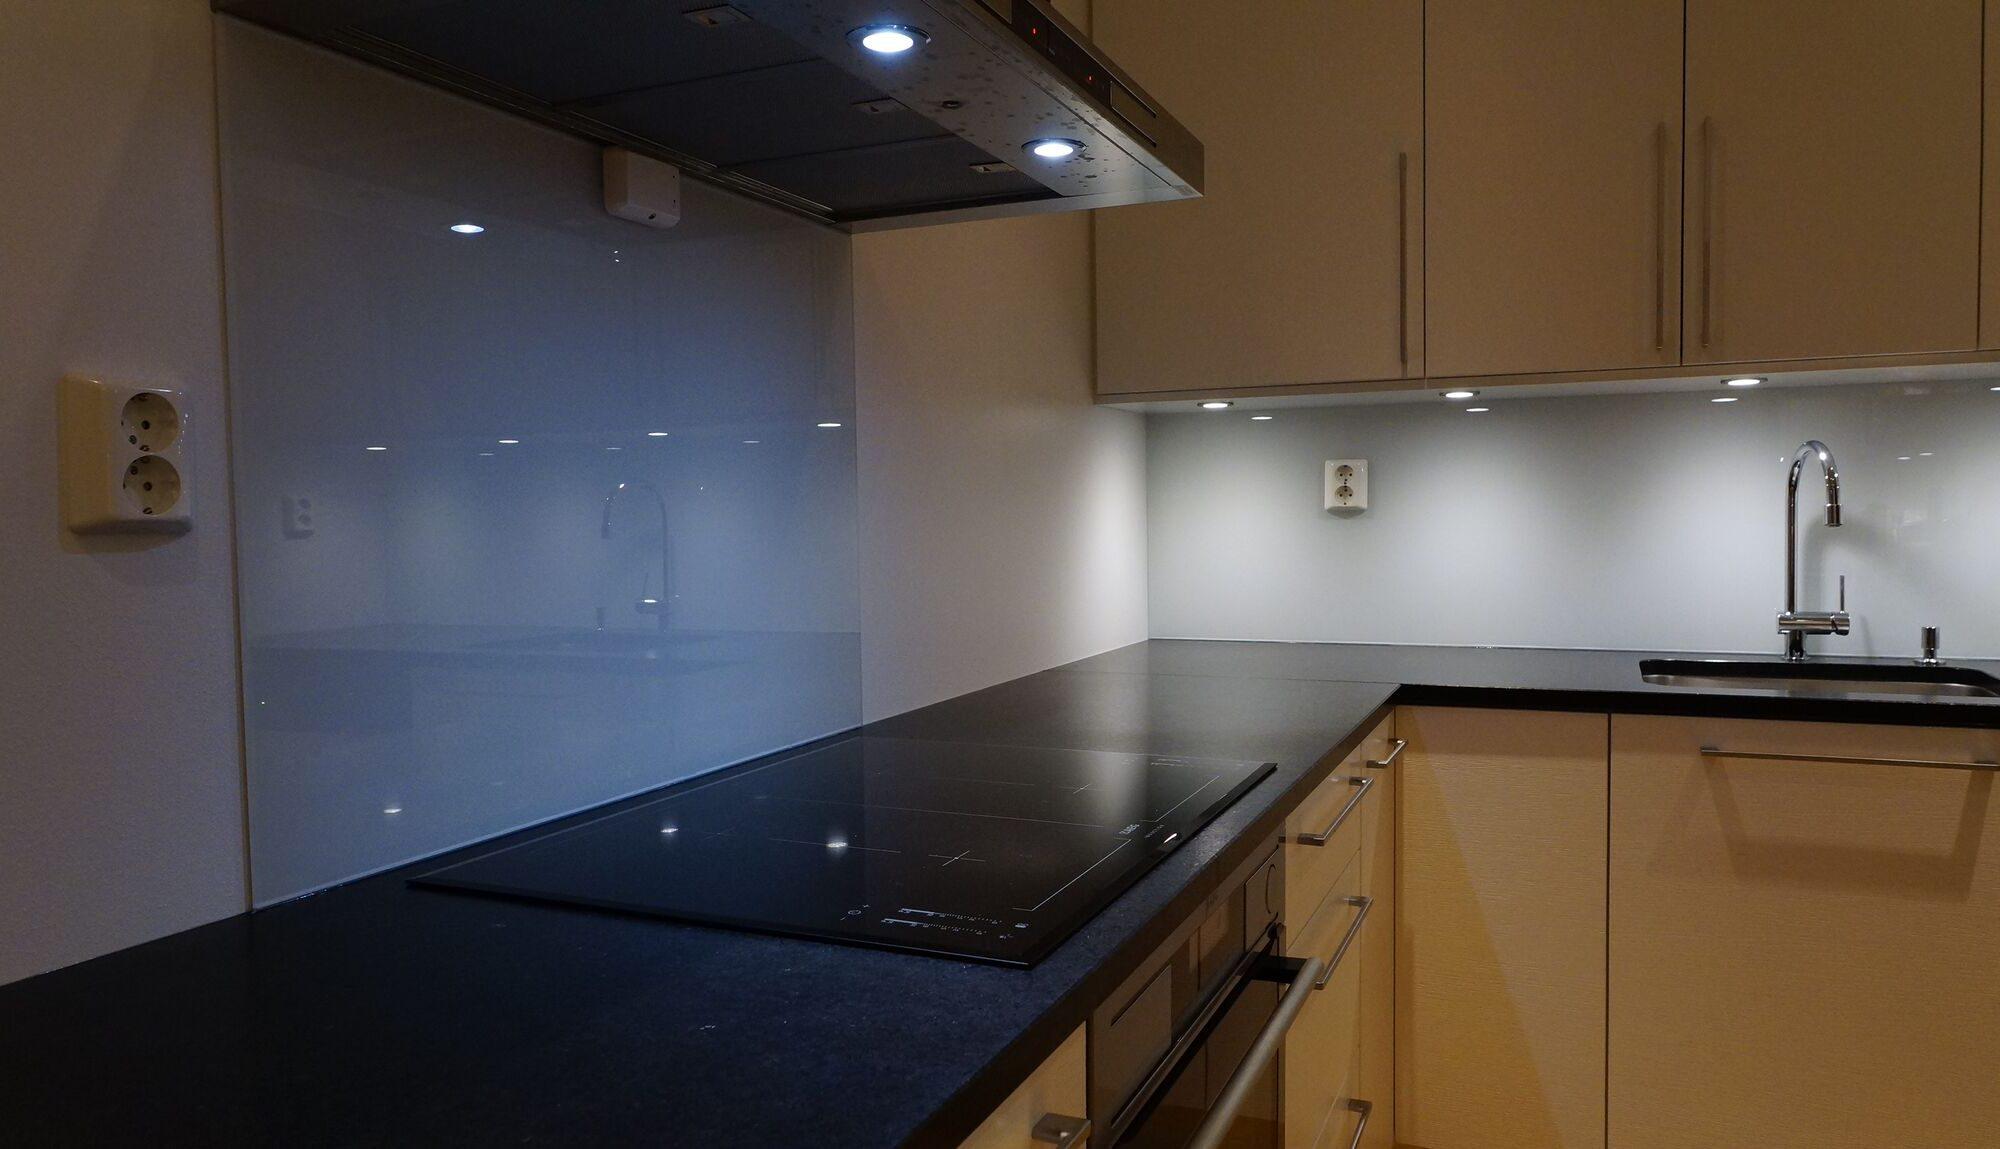 glass kjøkkenbenk glassplate kjøkken herdet glass kjøkken glassplate kjøkkenbenk-Groruddalen Glass - Baderomsglass - Energiglass - Glass over kjøkkenbenk - Glassmester Oslo - Speil